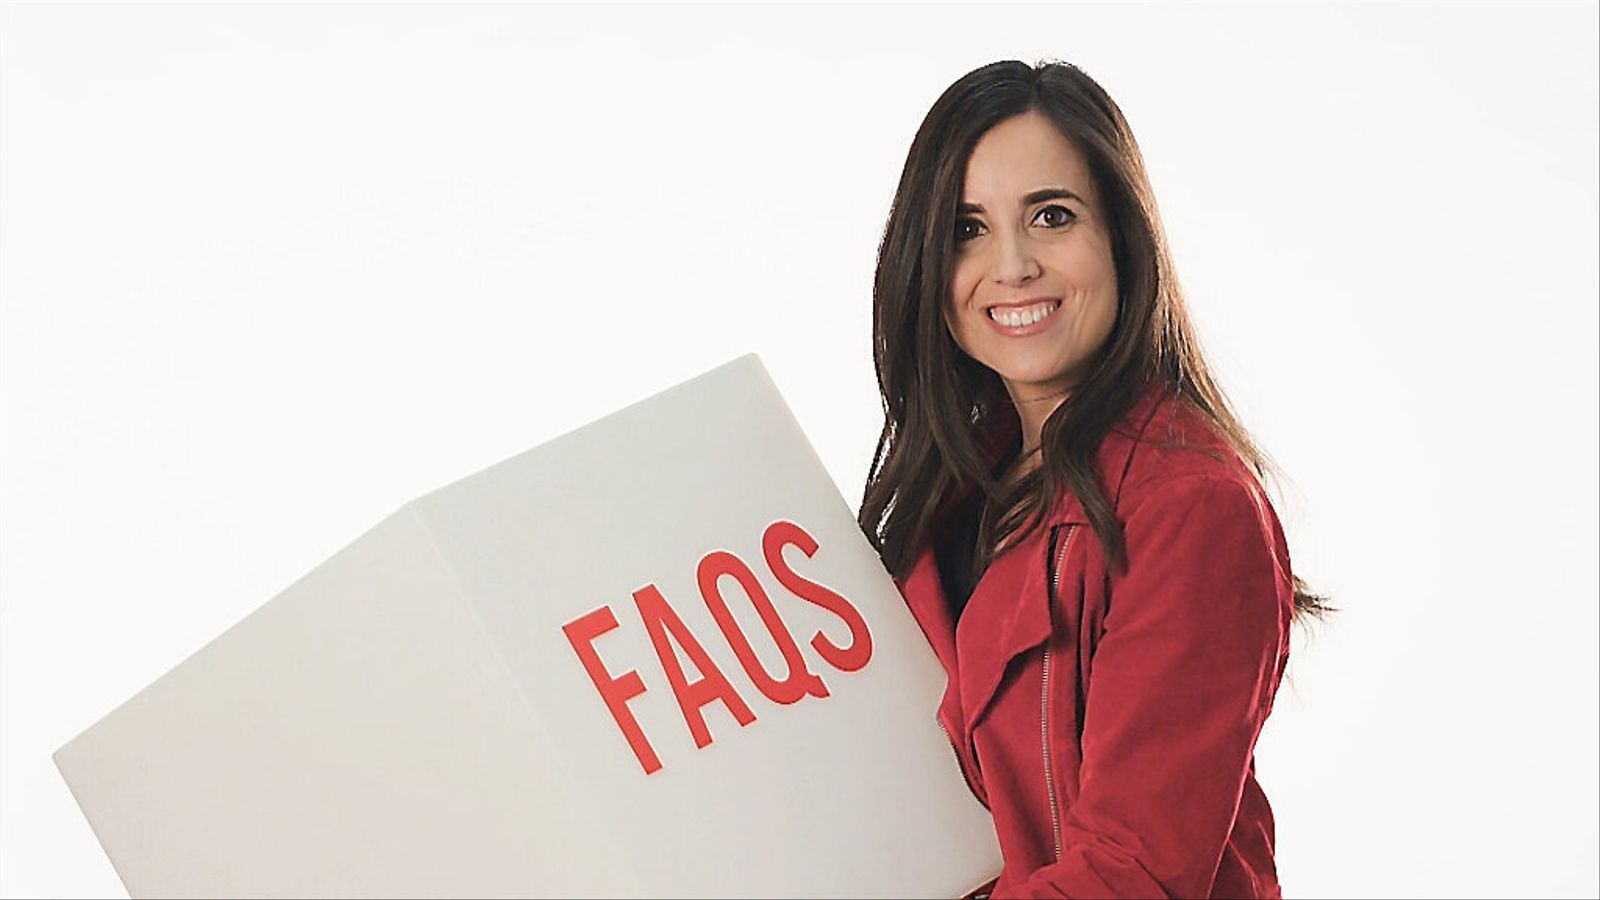 Laura Rosel estarà al capdavant de Preguntes freqüents en la nova etapa del programa, que avui torna a la graella.